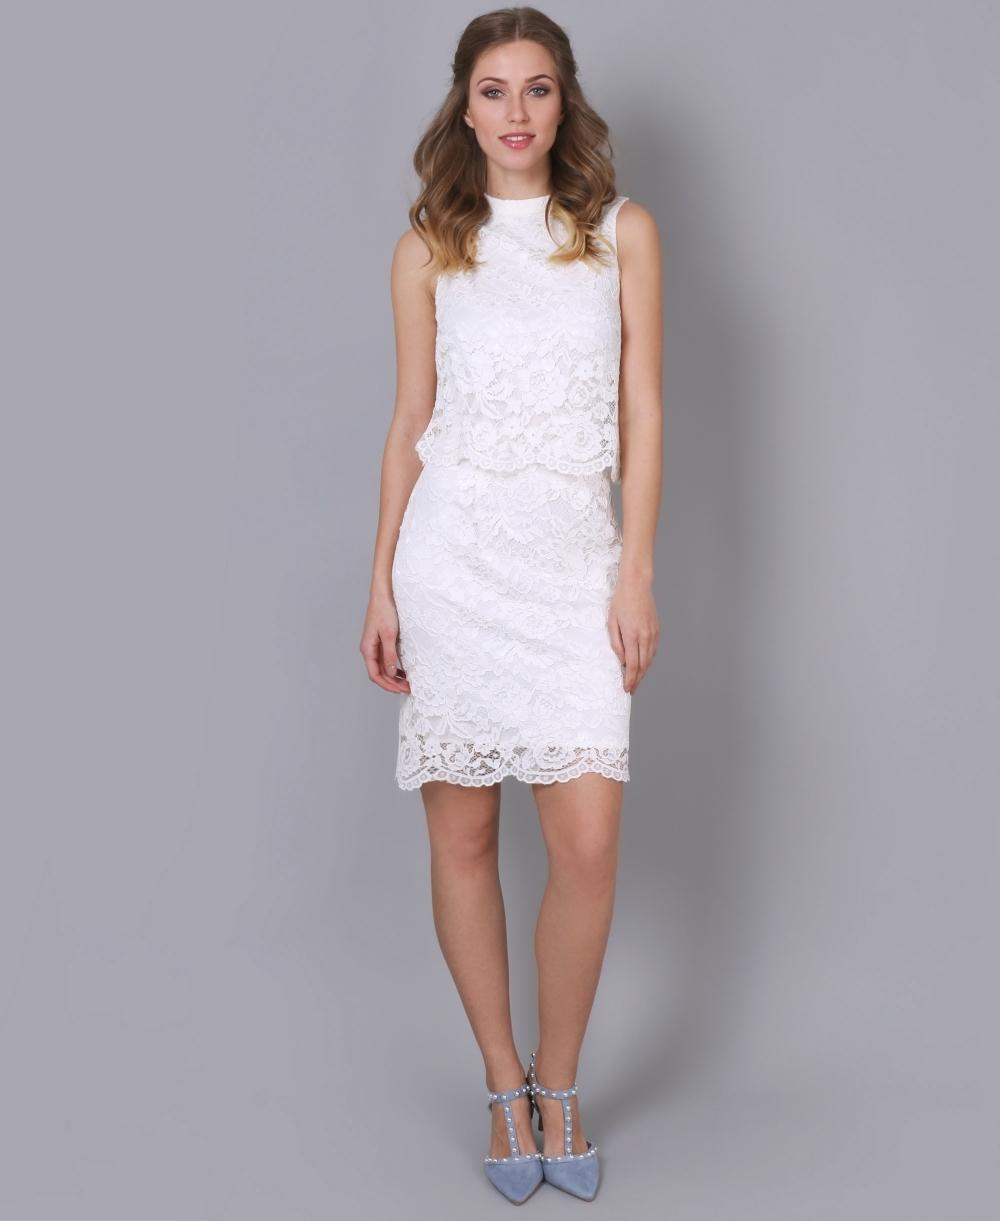 Scalloped Hem Layered Lace Dress